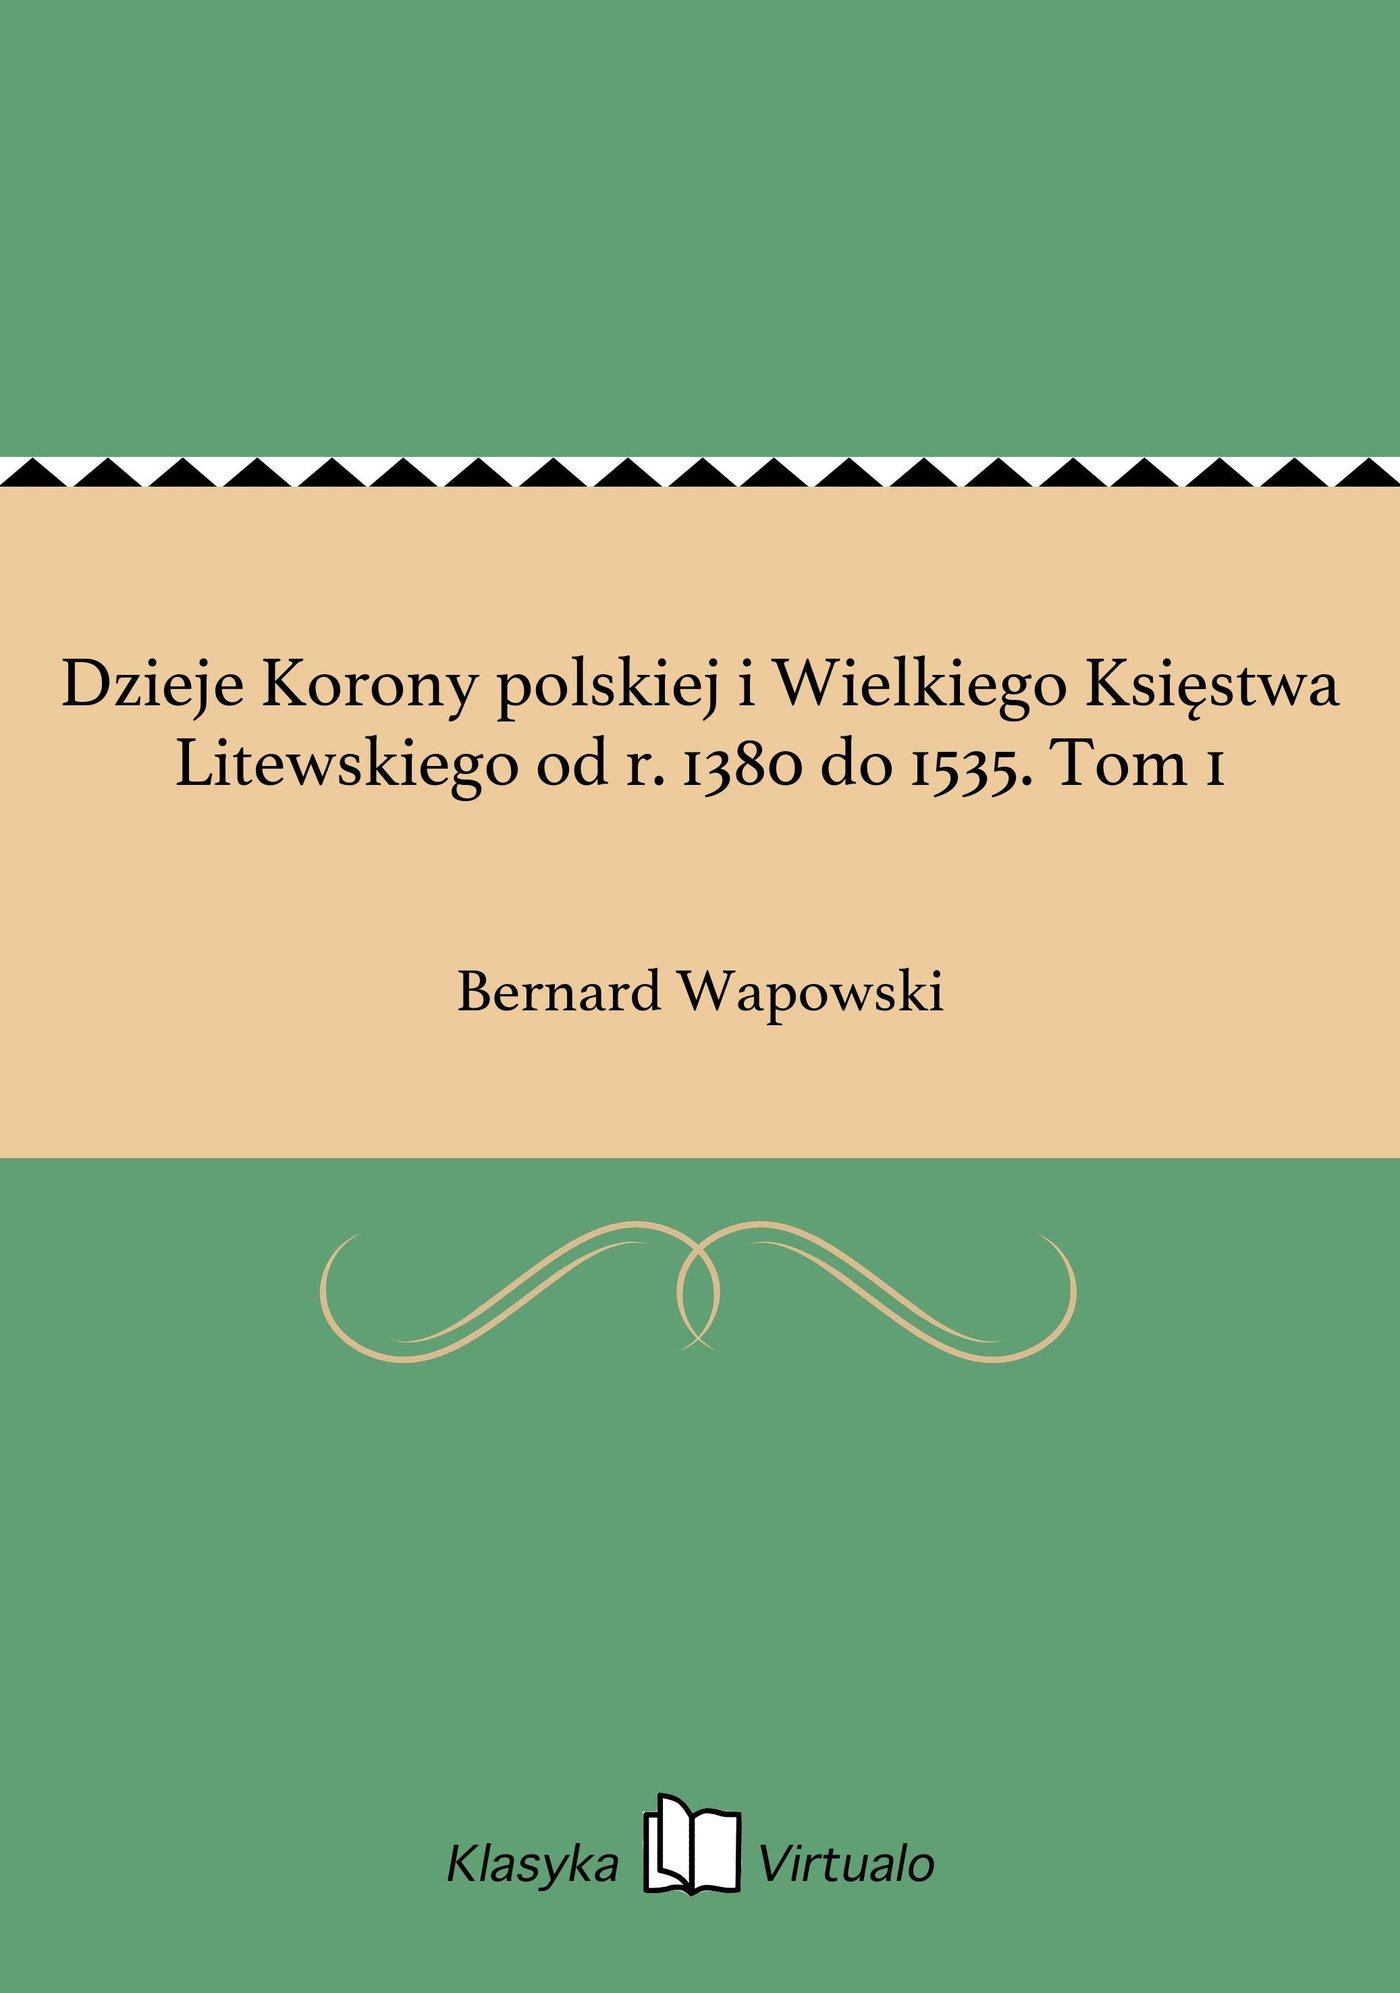 Dzieje Korony polskiej i Wielkiego Księstwa Litewskiego od r. 1380 do 1535. Tom 1 - Ebook (Książka EPUB) do pobrania w formacie EPUB